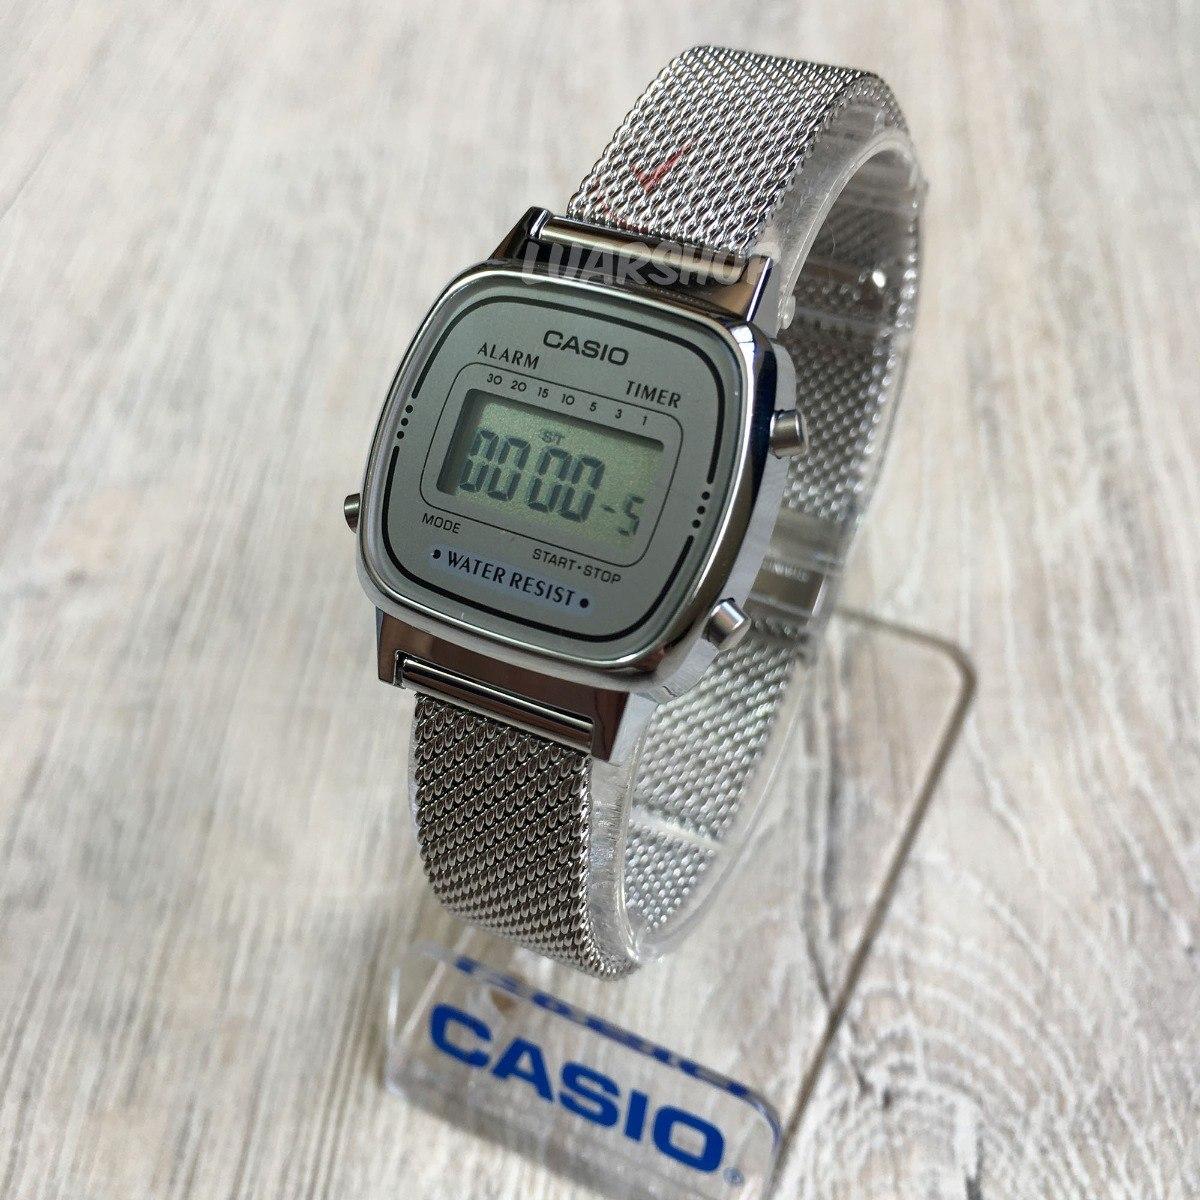 523a63c1c38 Carregando zoom... relógio casio digital mini feminino la670wem prata  original